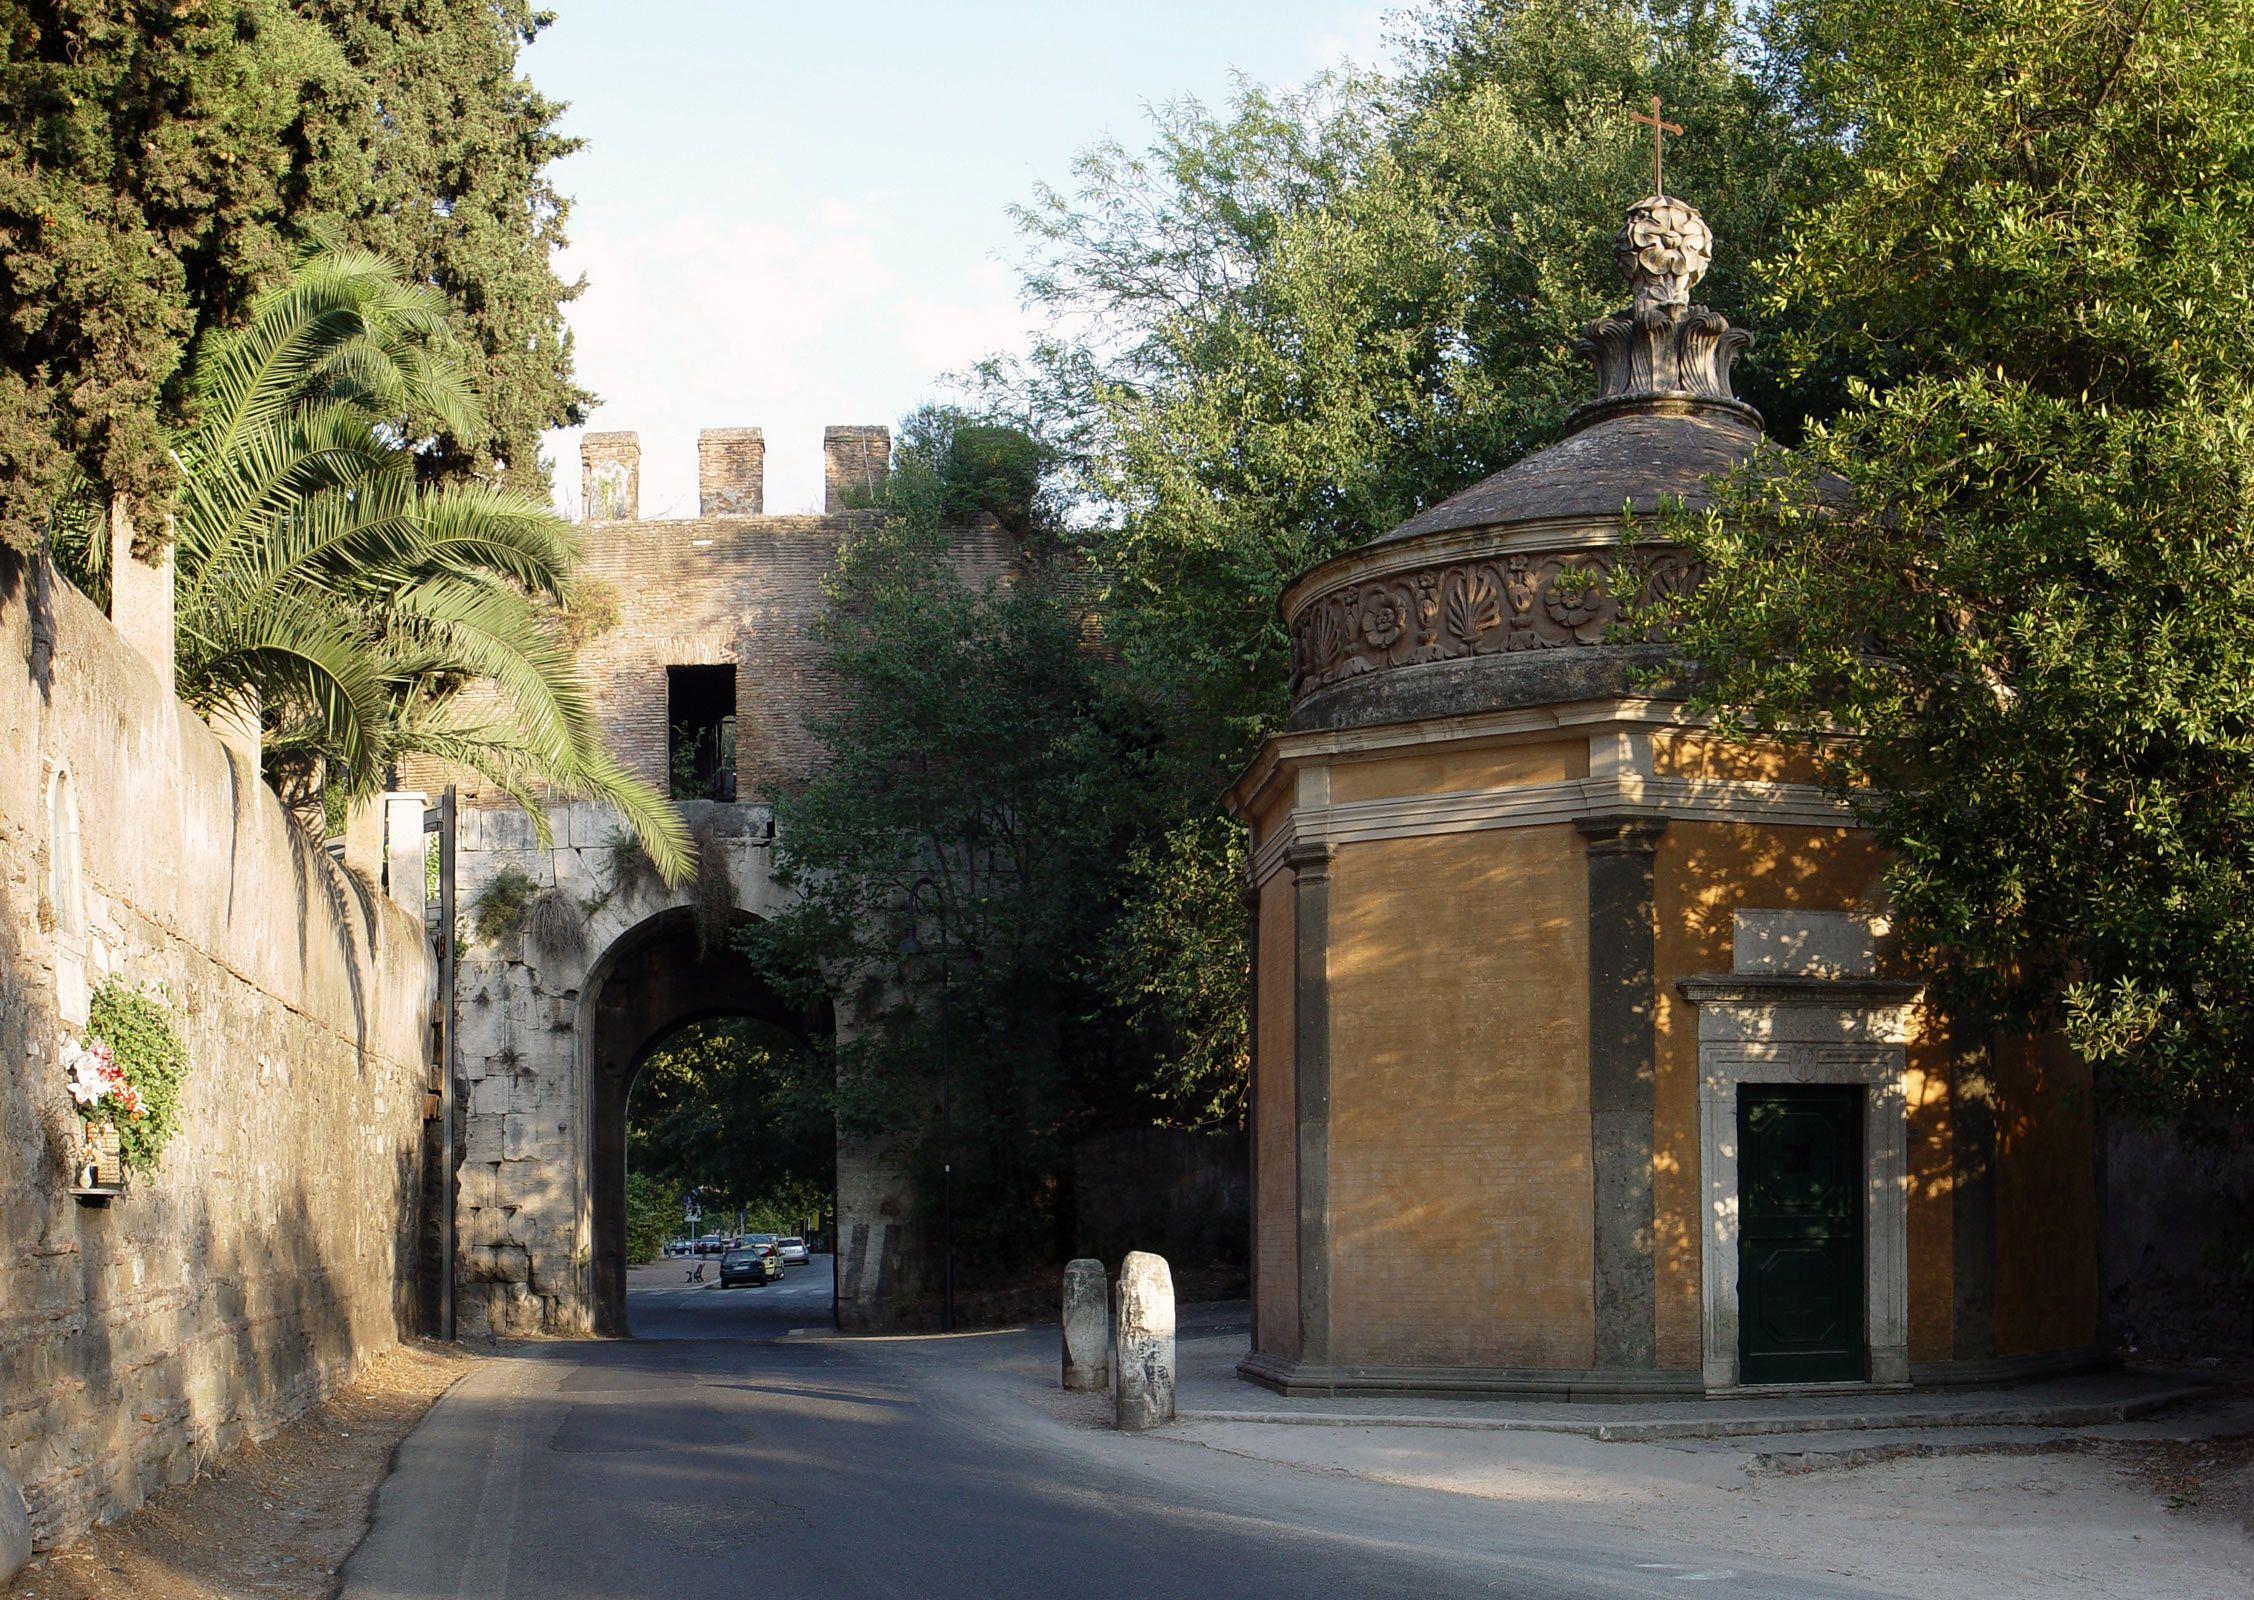 porta_latina_2.jpg (2254×1600)